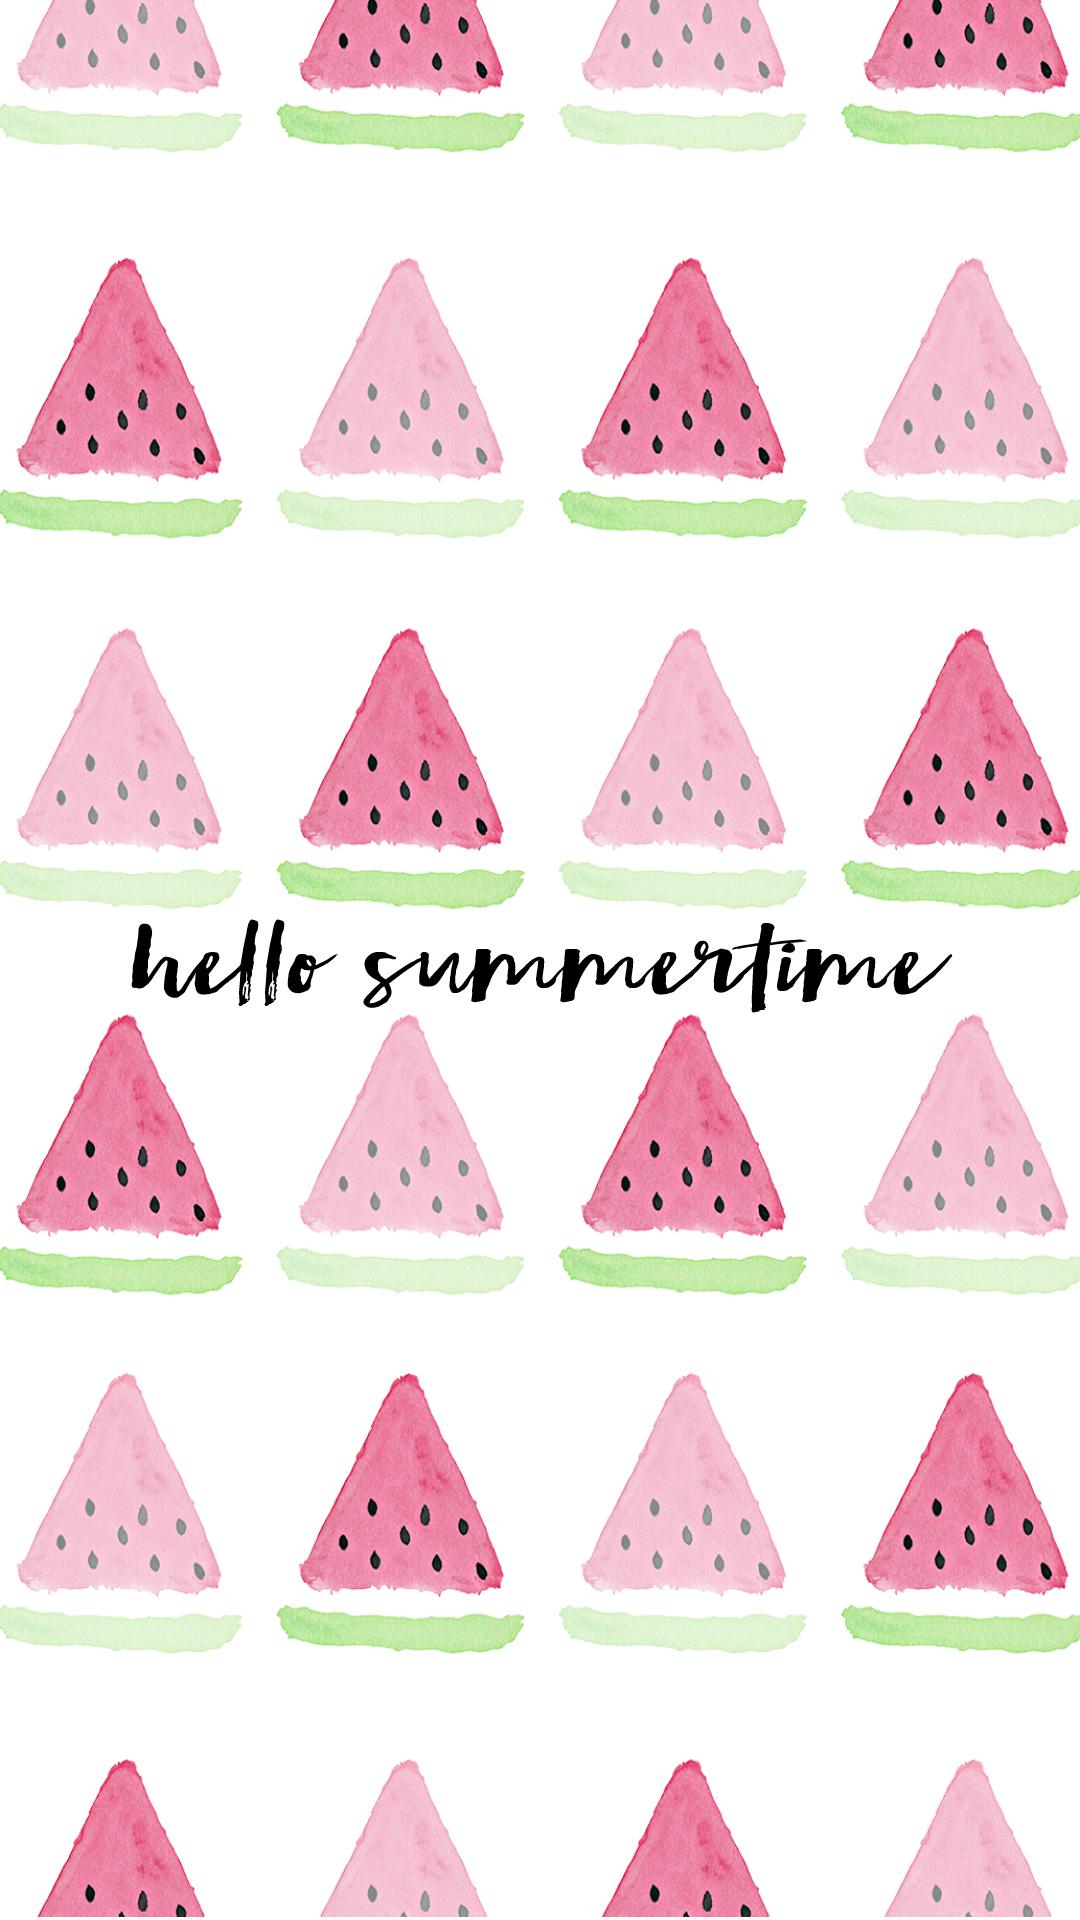 watermelongraphic.jpg